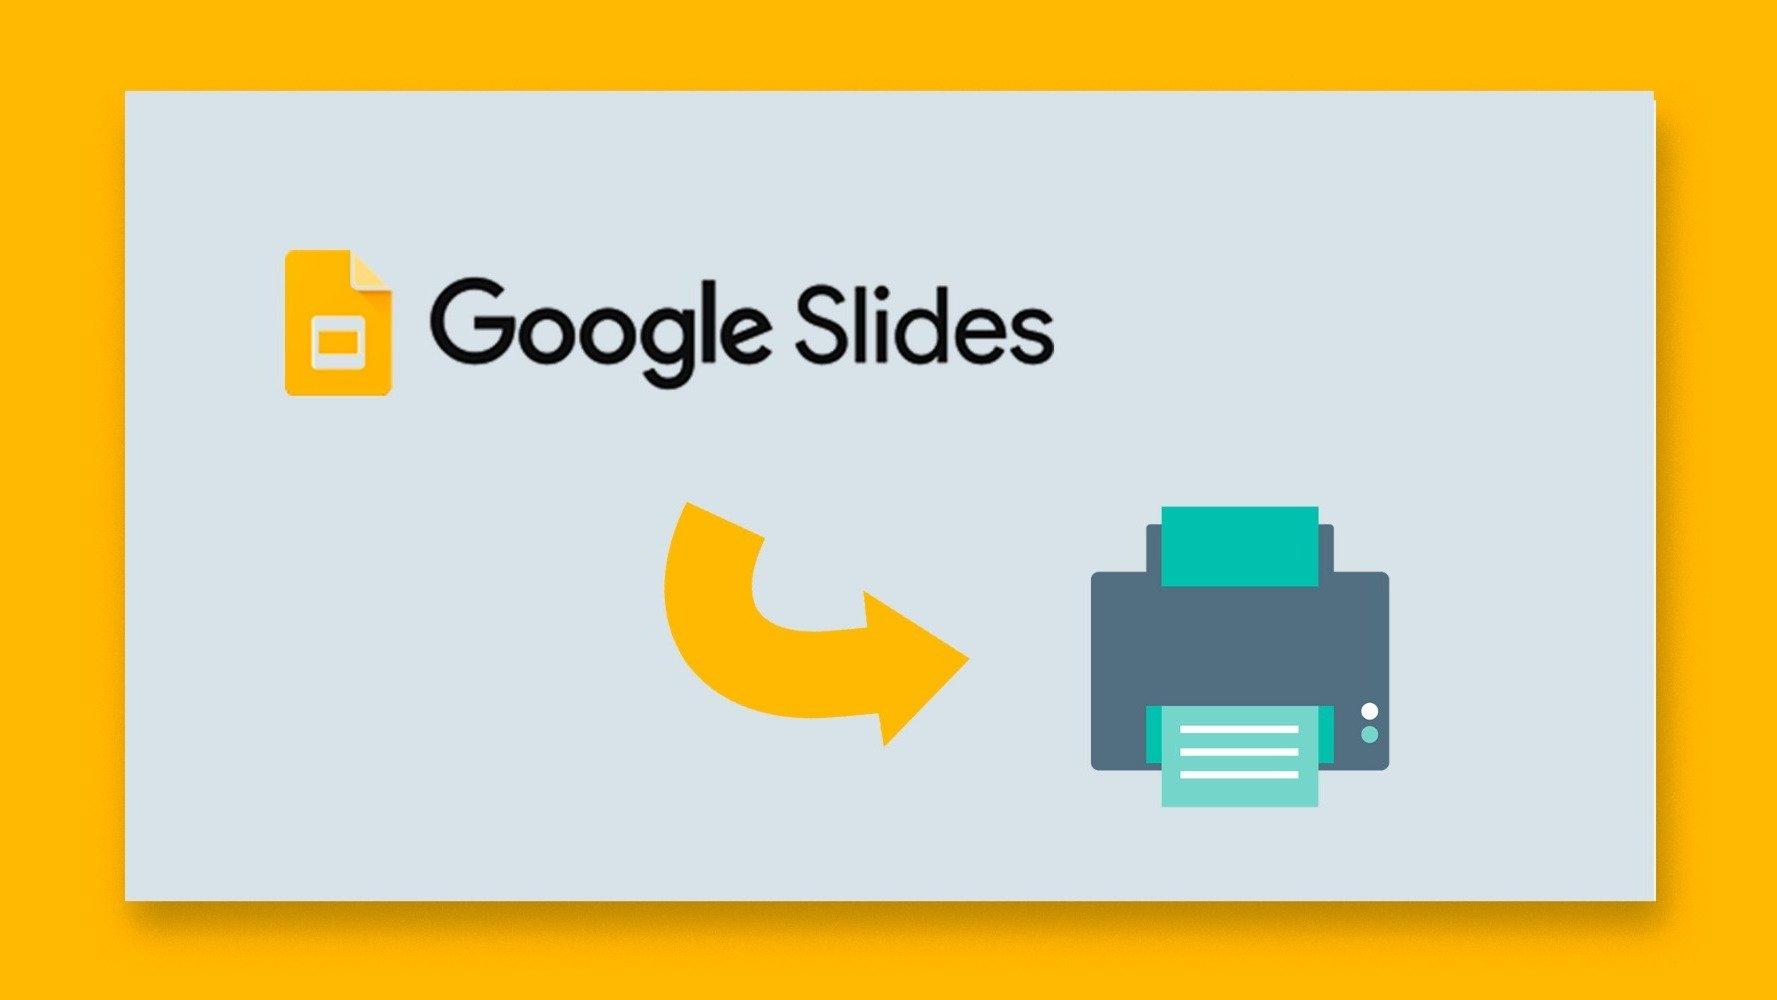 نحوه چاپ ارائه ها در اسلایدهای Google |  نکات سریع و آموزش برای ارائه های خود